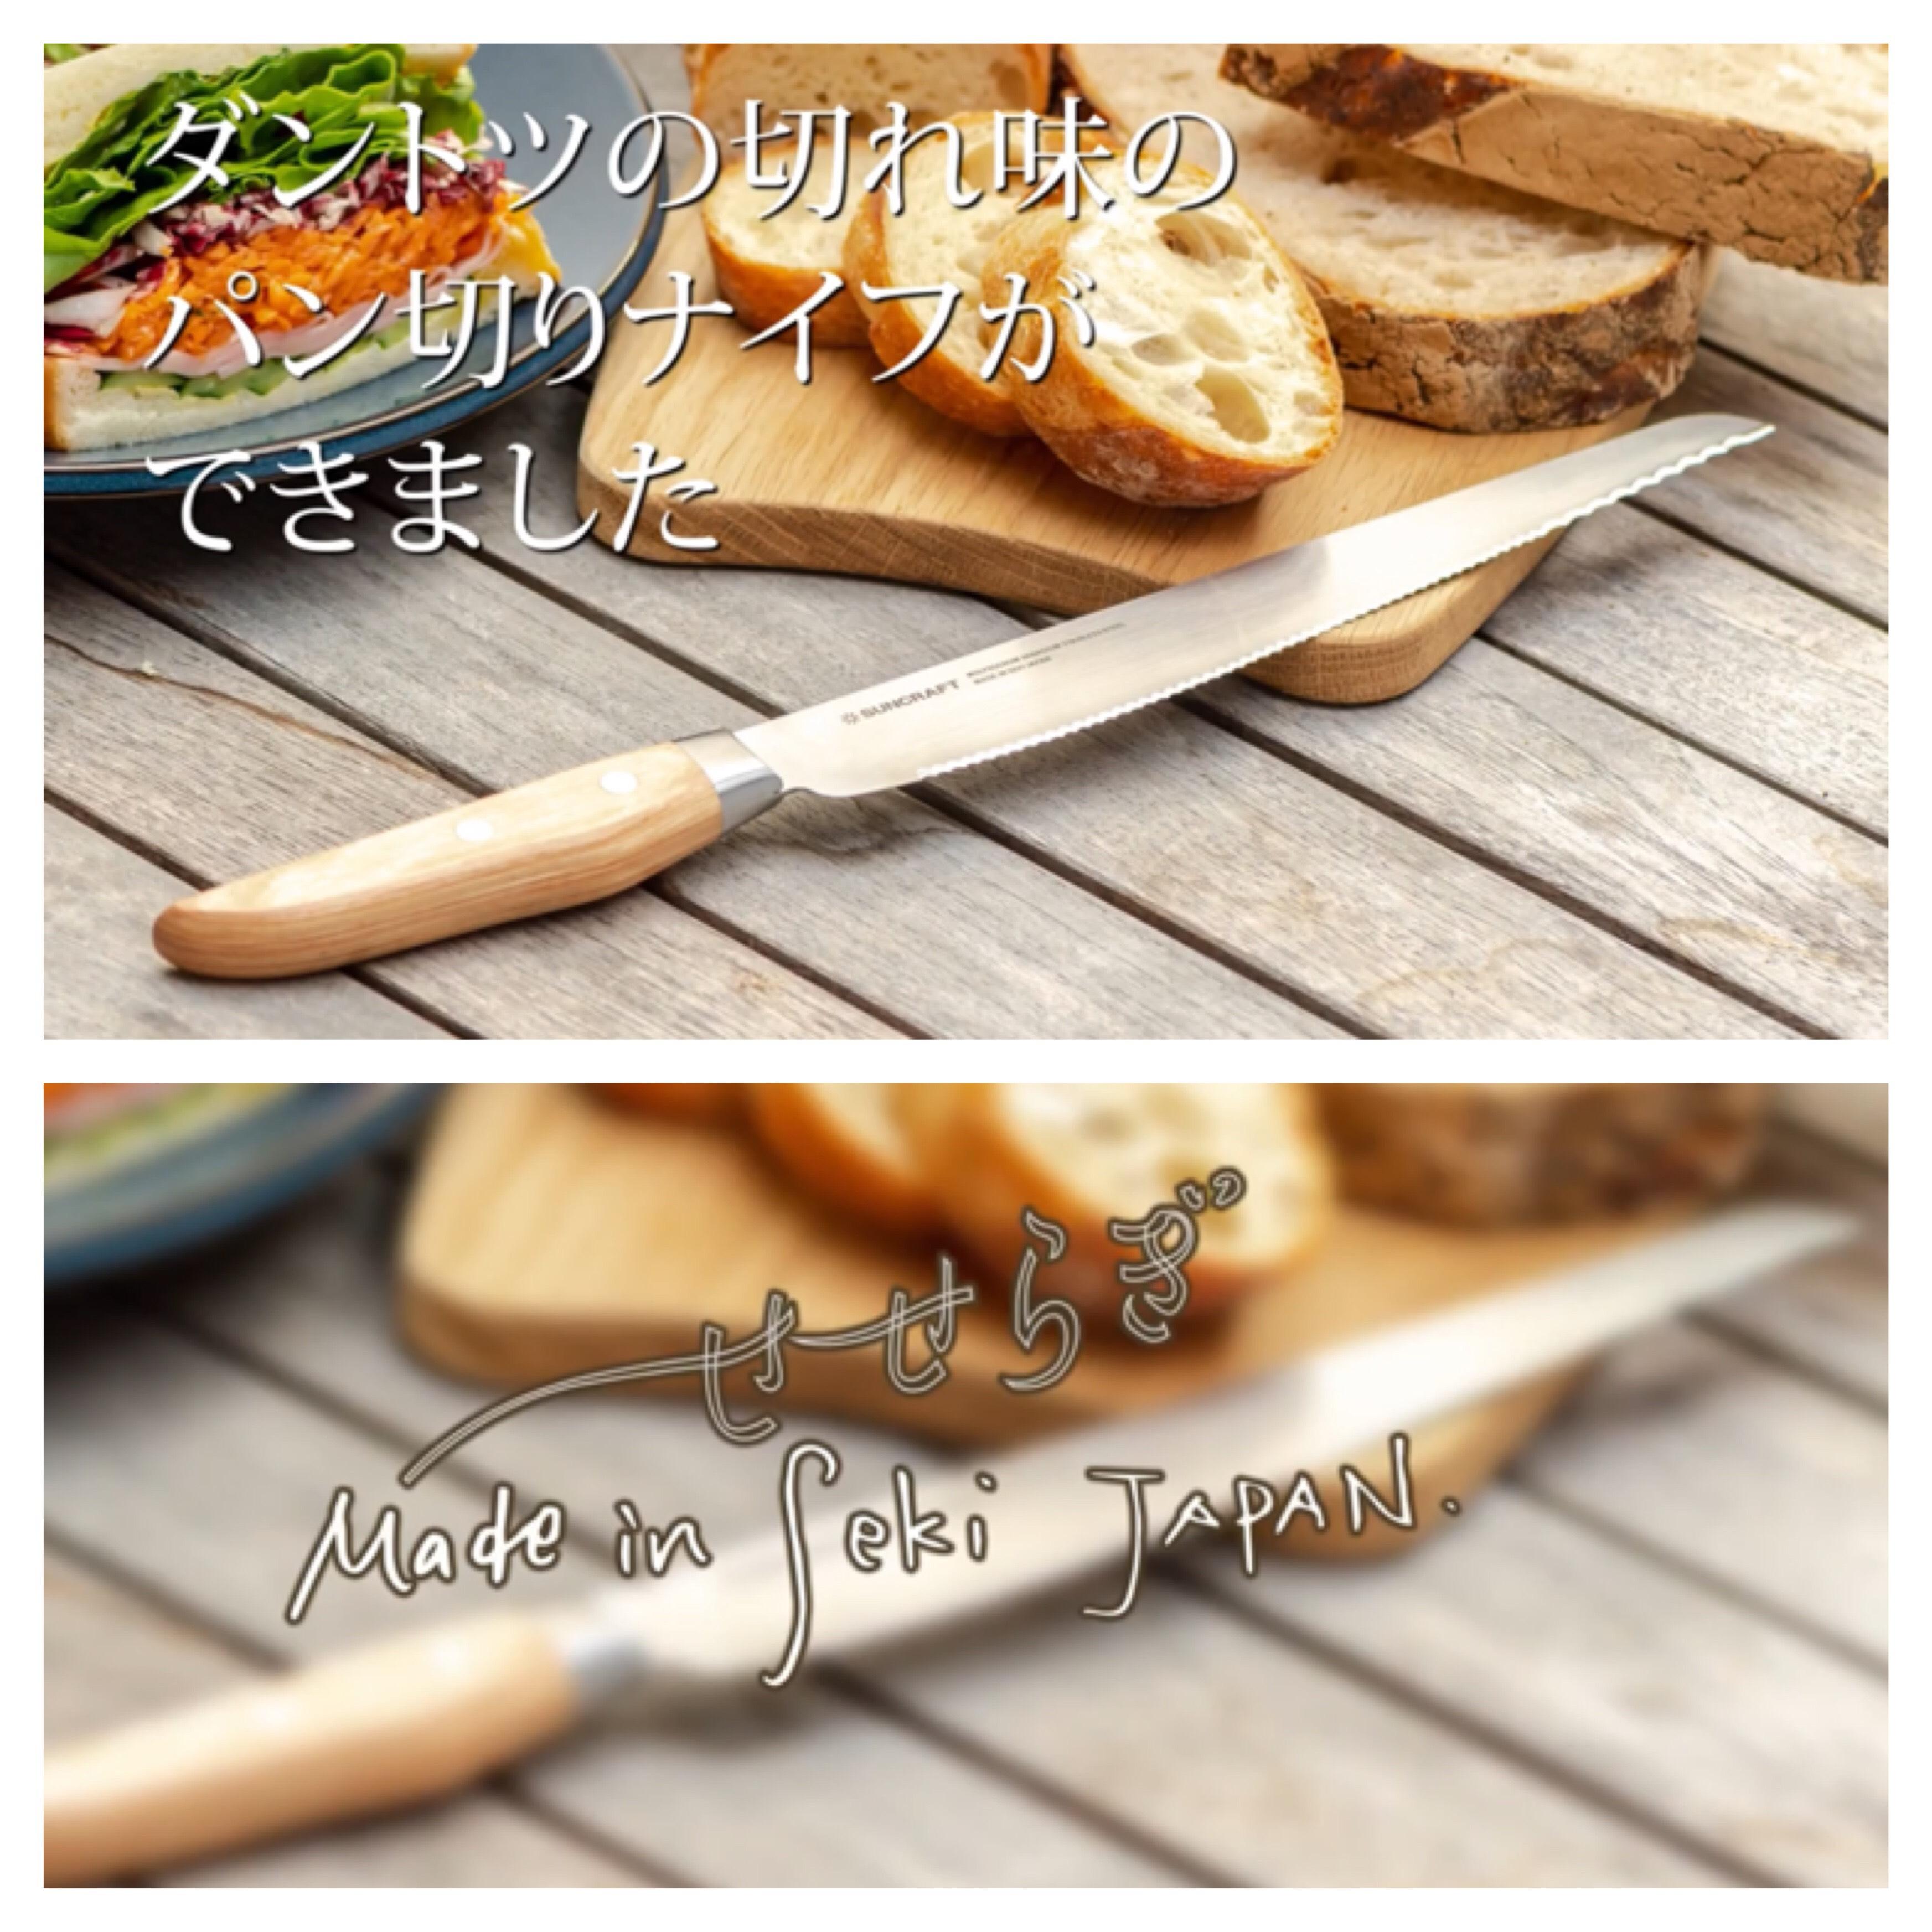 パン切りナイフ「せせらぎ」